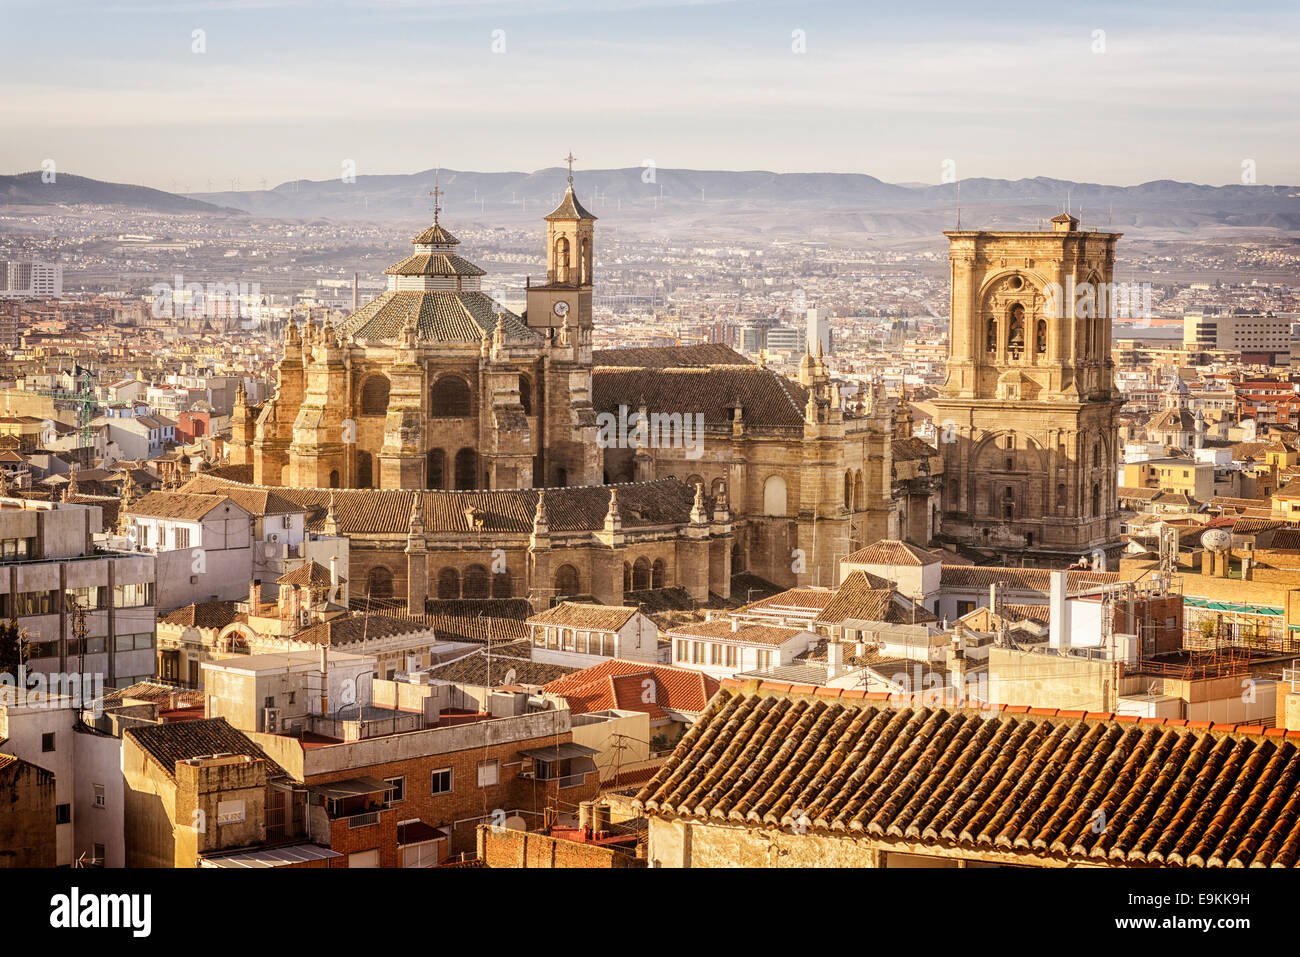 Grenade, La Cathédrale, Santa Iglesia Catedral Metropolitana de la Encarnación de Granada, La Cathédrale de l'Incarnation Banque D'Images